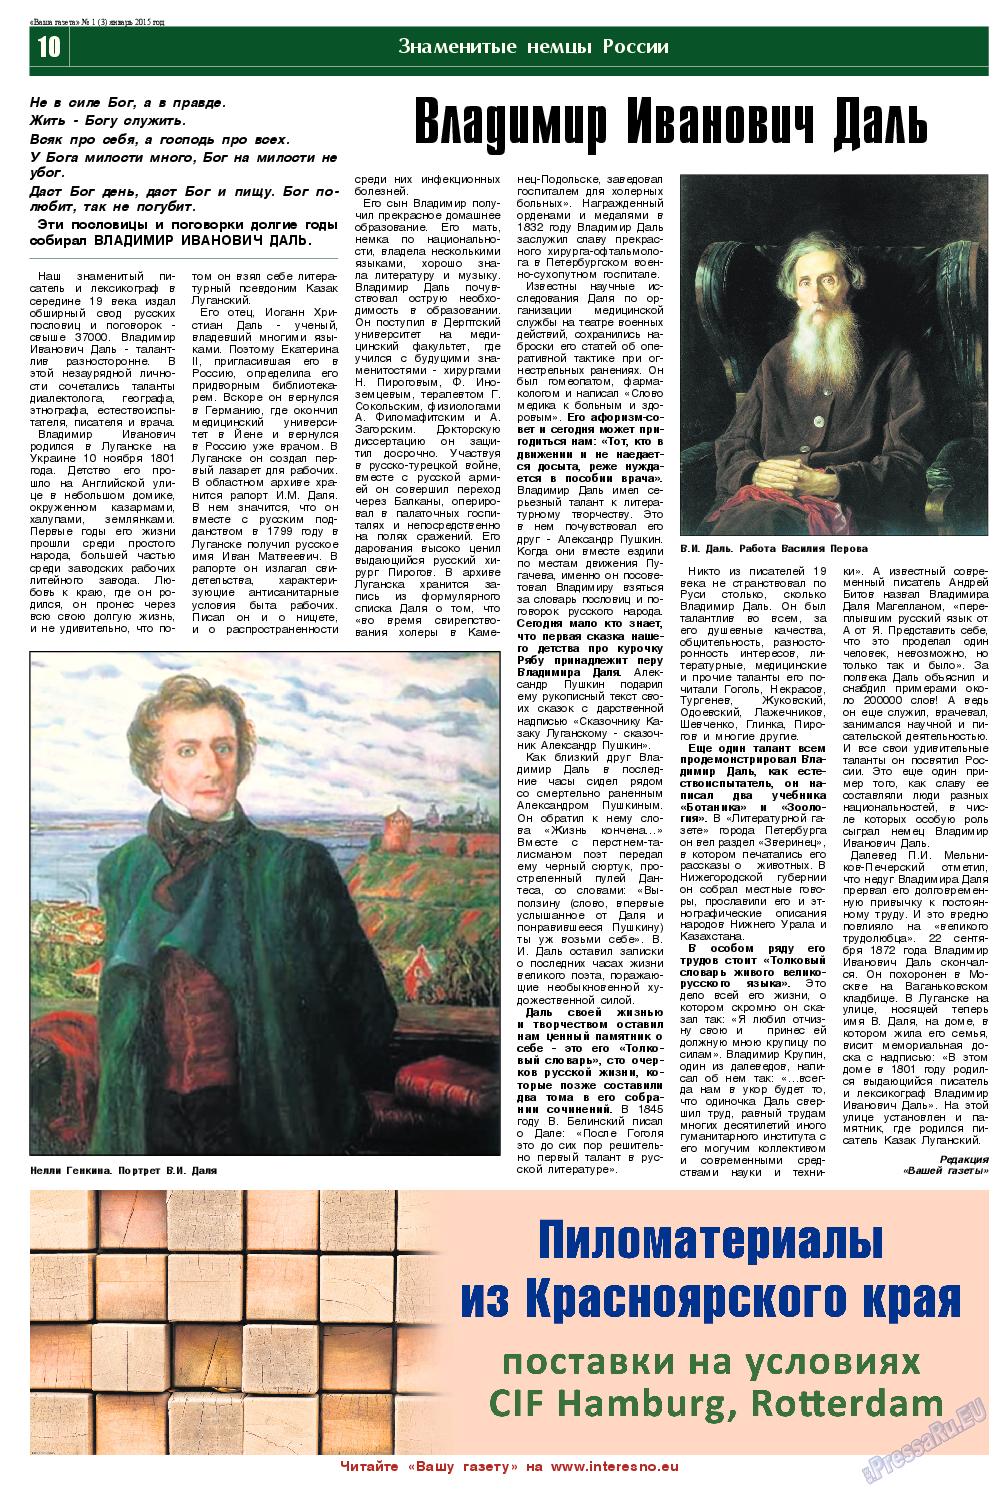 Ваша газета (газета). 2015 год, номер 1, стр. 10